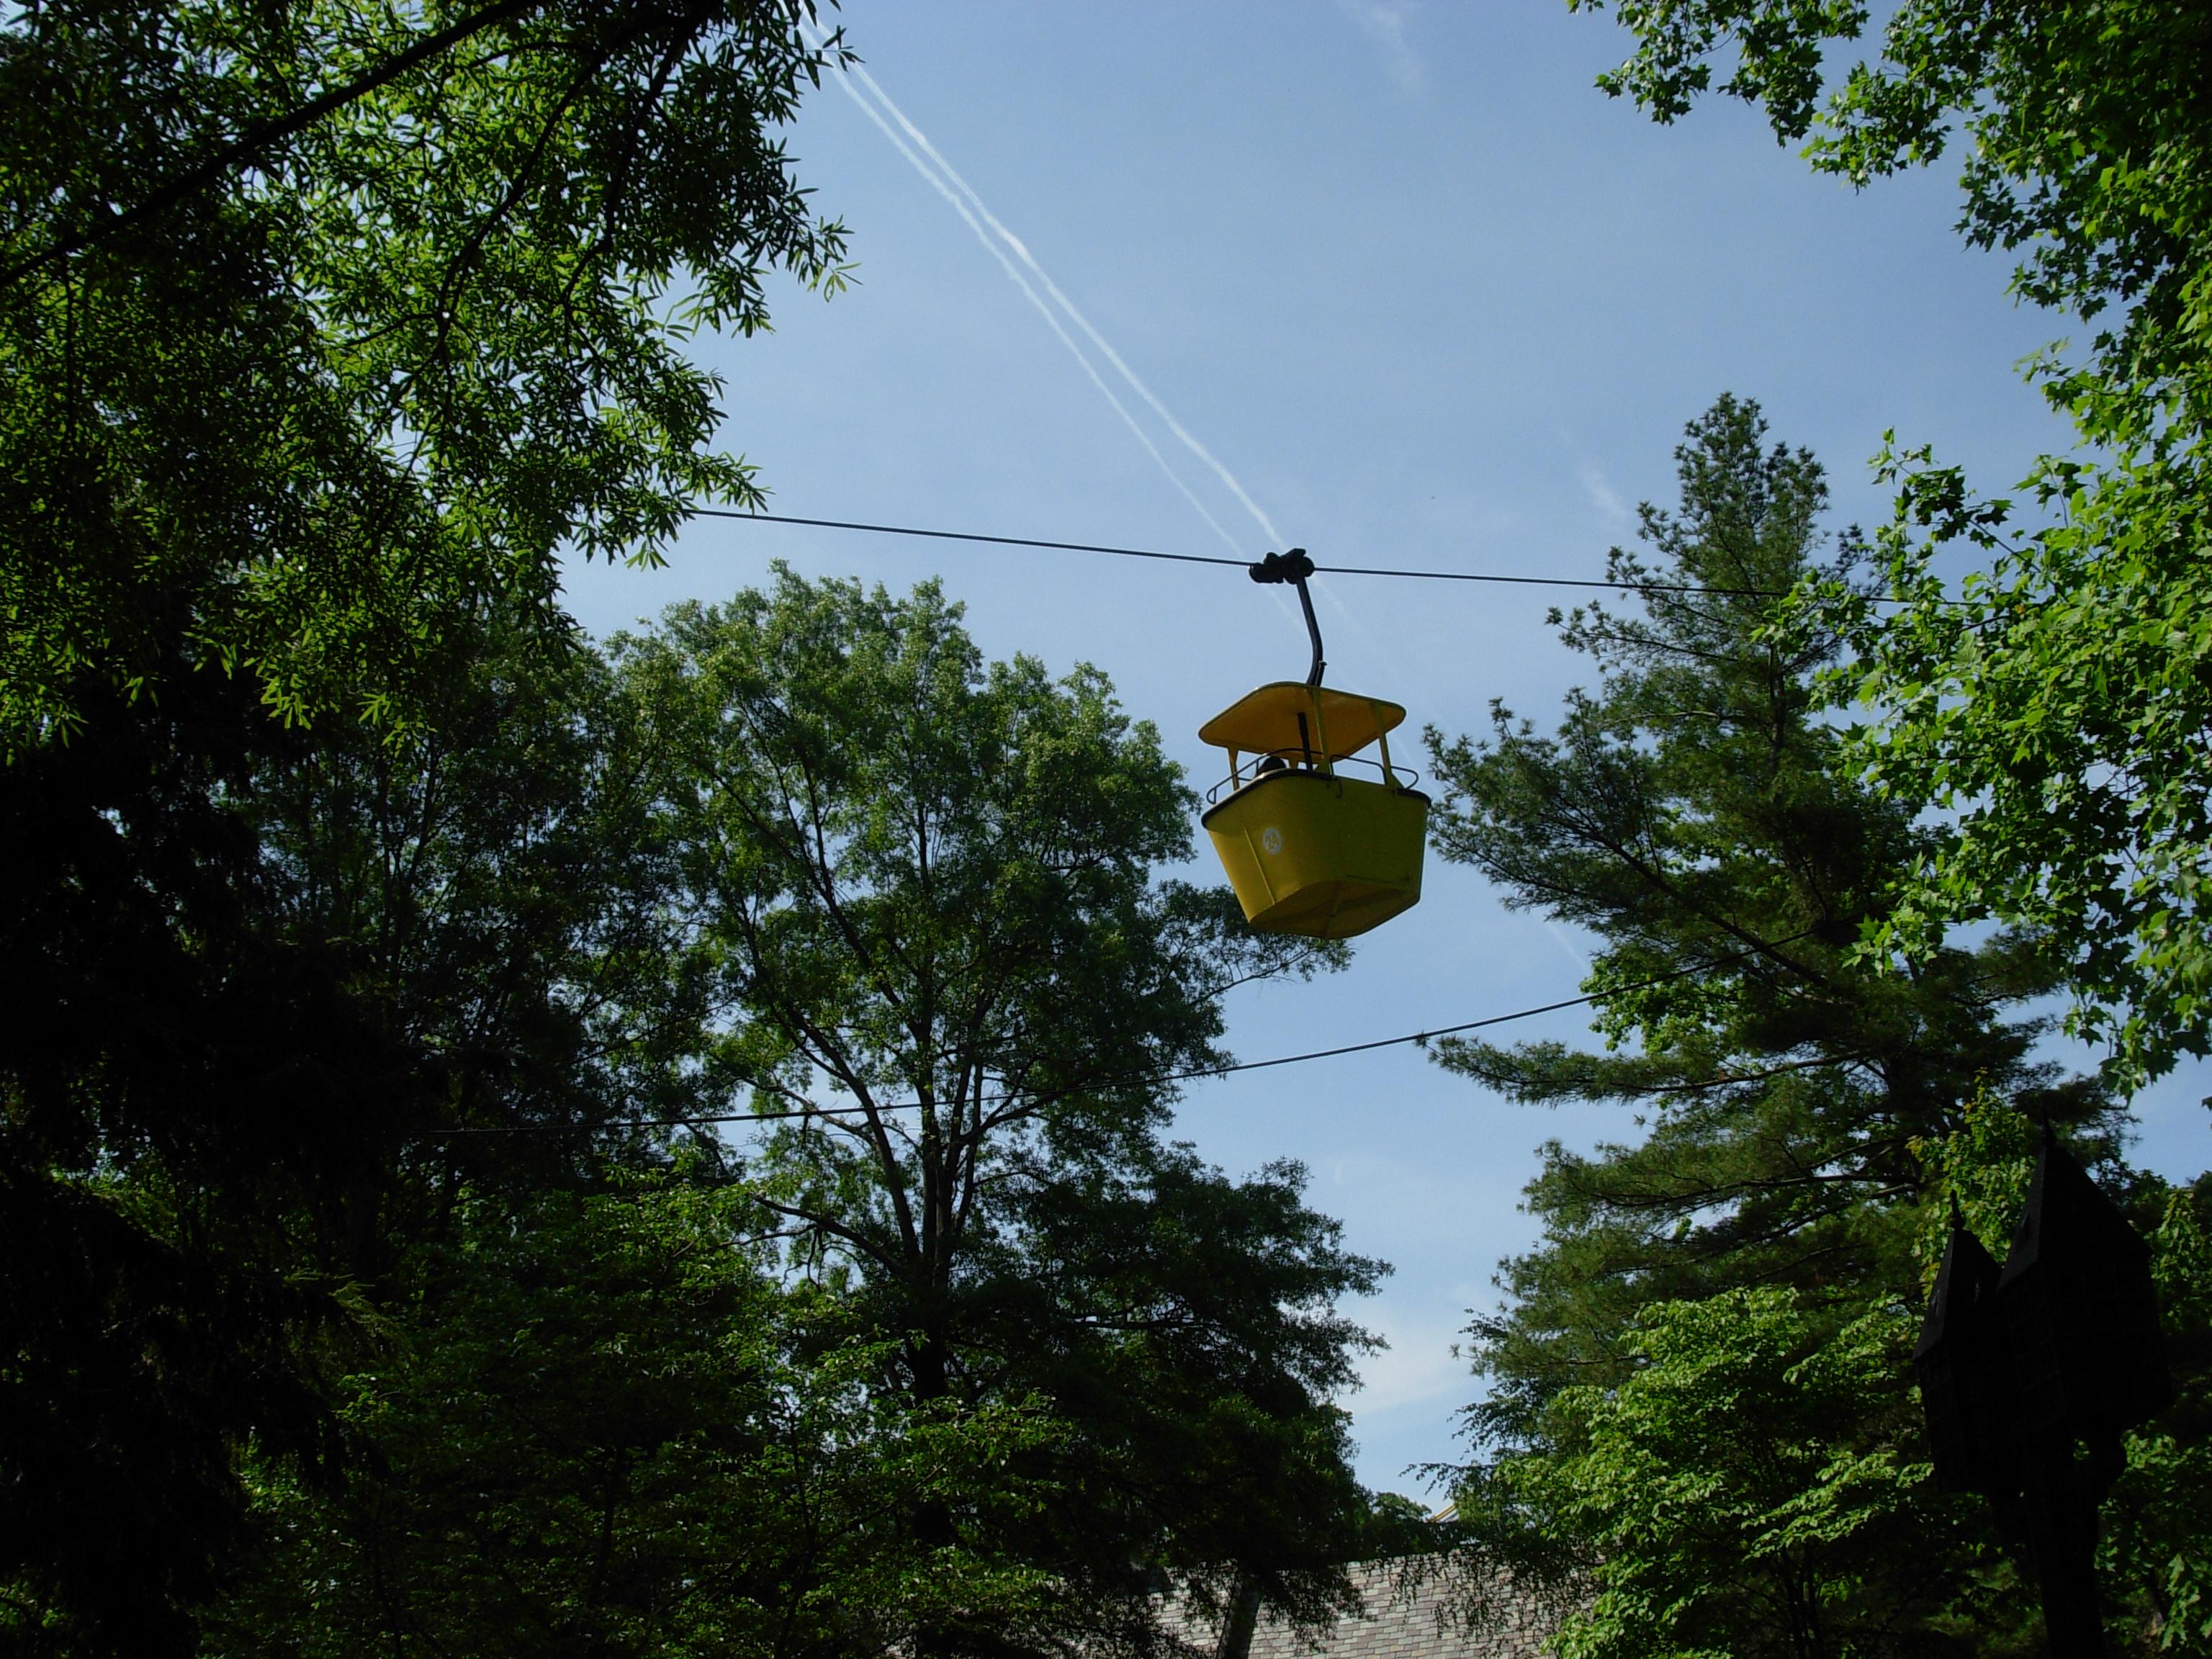 File:Skyride 2 (Busch Gardens Williamsburg)